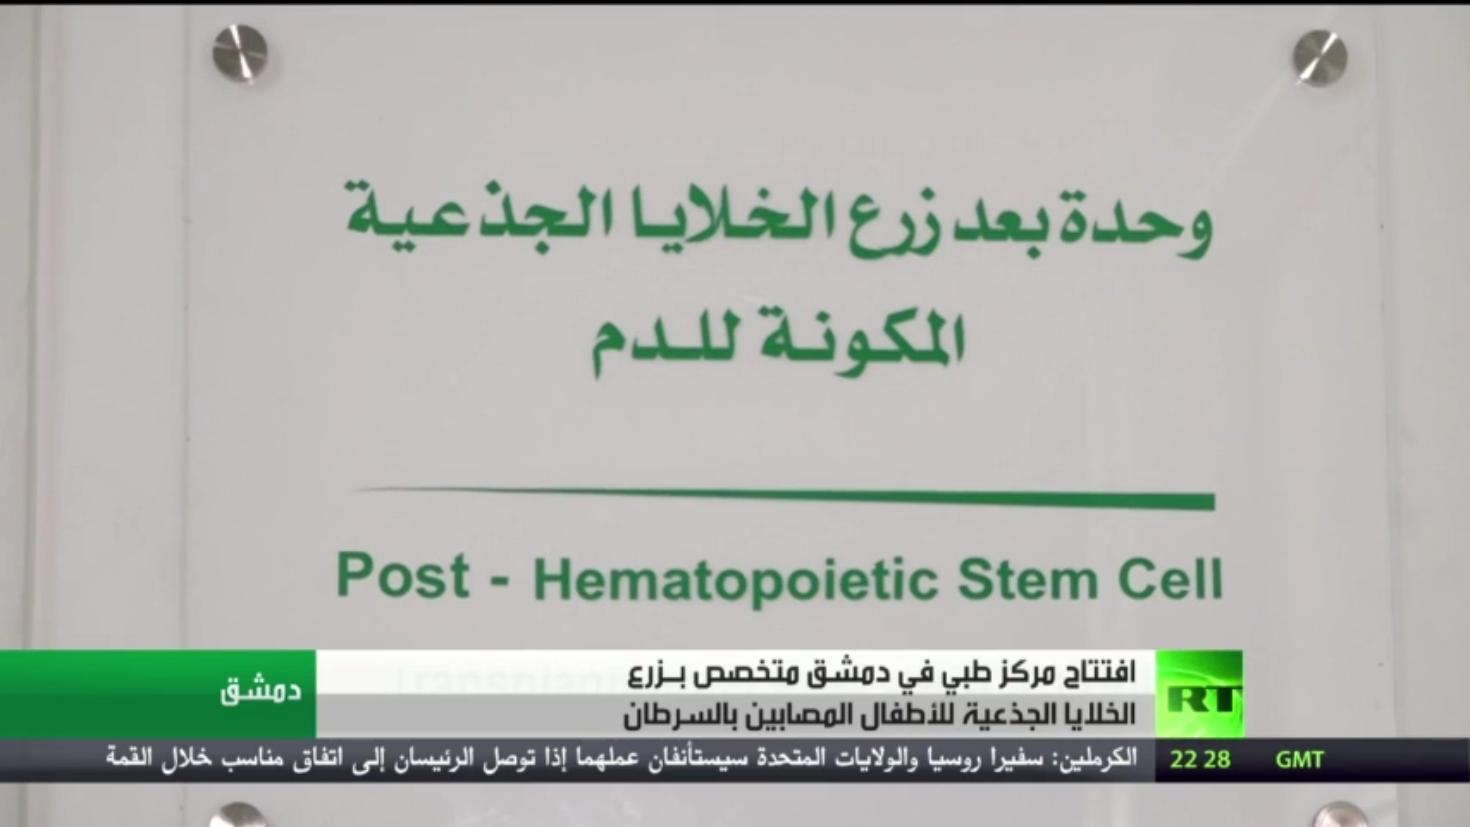 افتتاح مركز طبي لزرع الخلايا الجذعية بدمشق